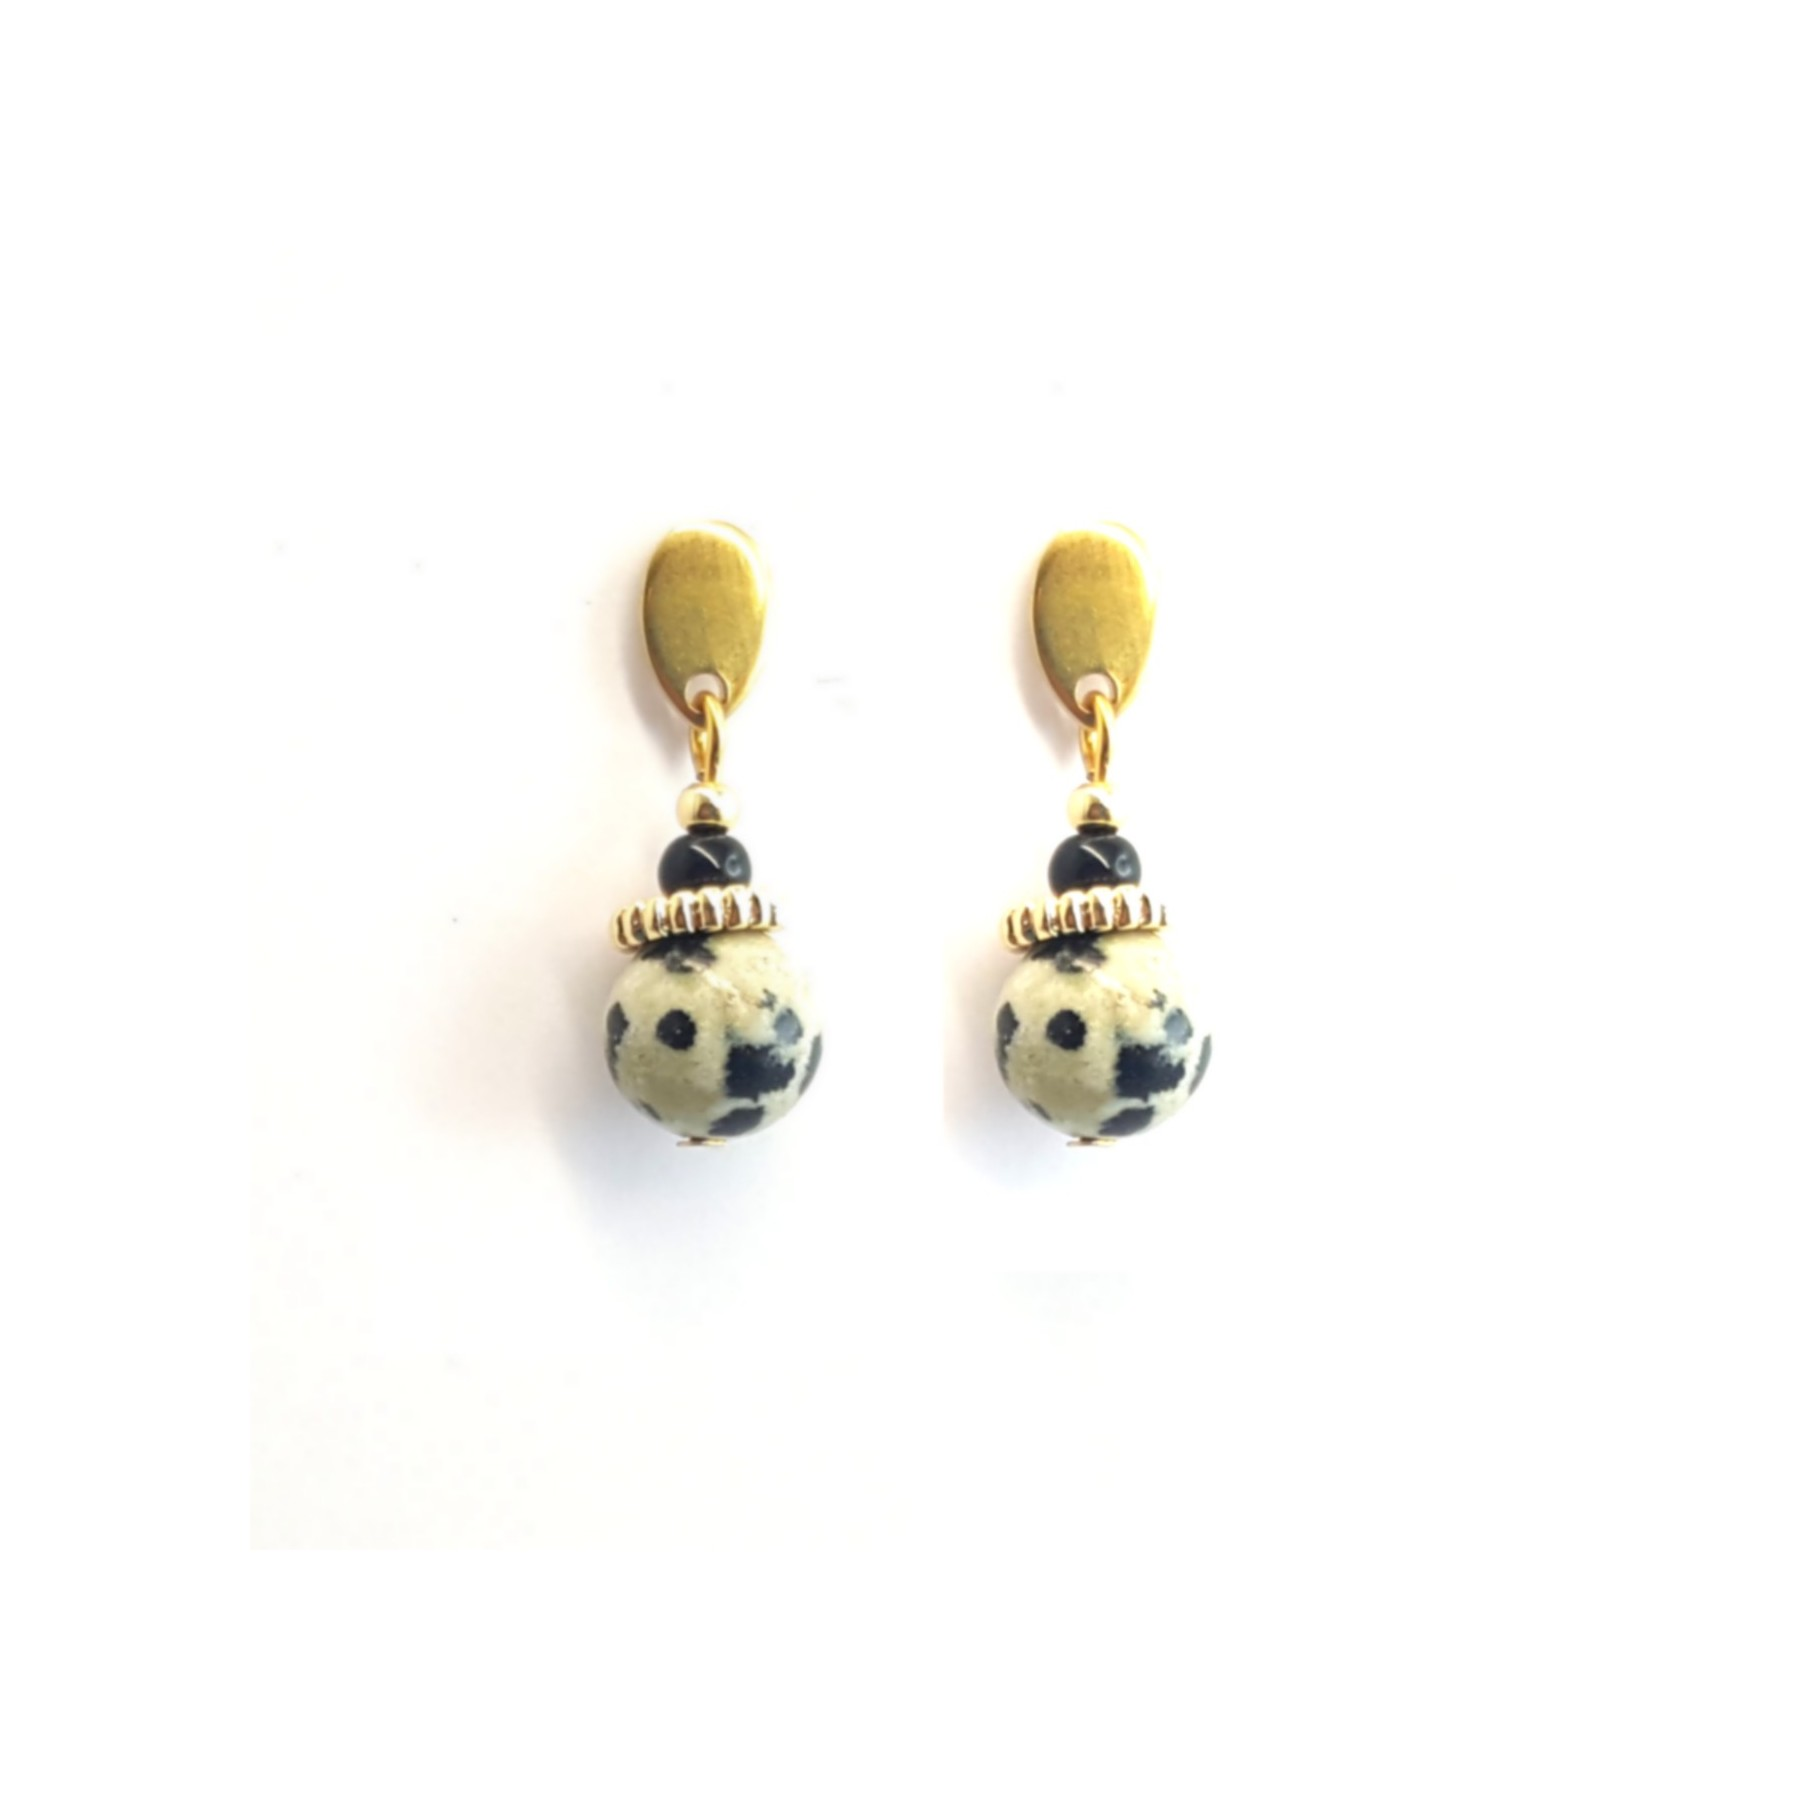 Clous pendants jaspe dalmatien